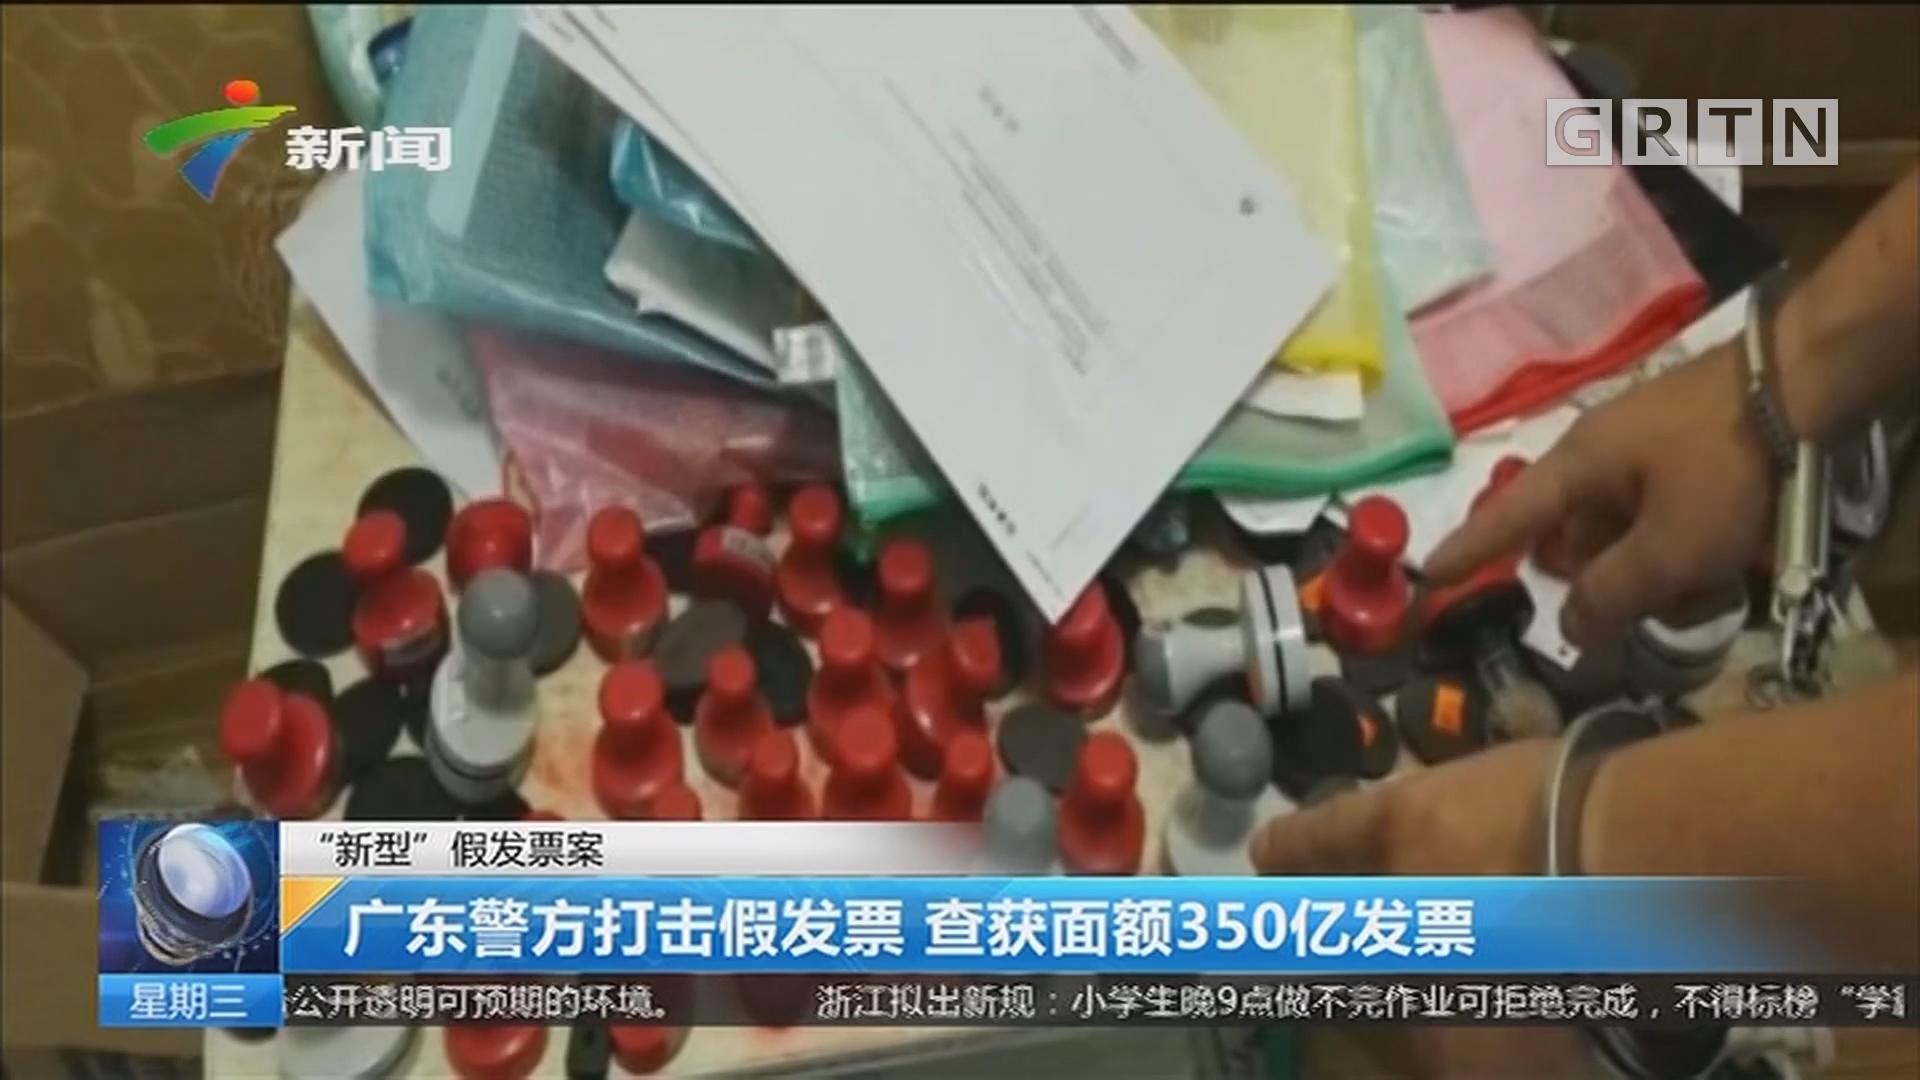 """""""新型""""假发票案:广东警方打击假发票 查获面额350亿发票"""